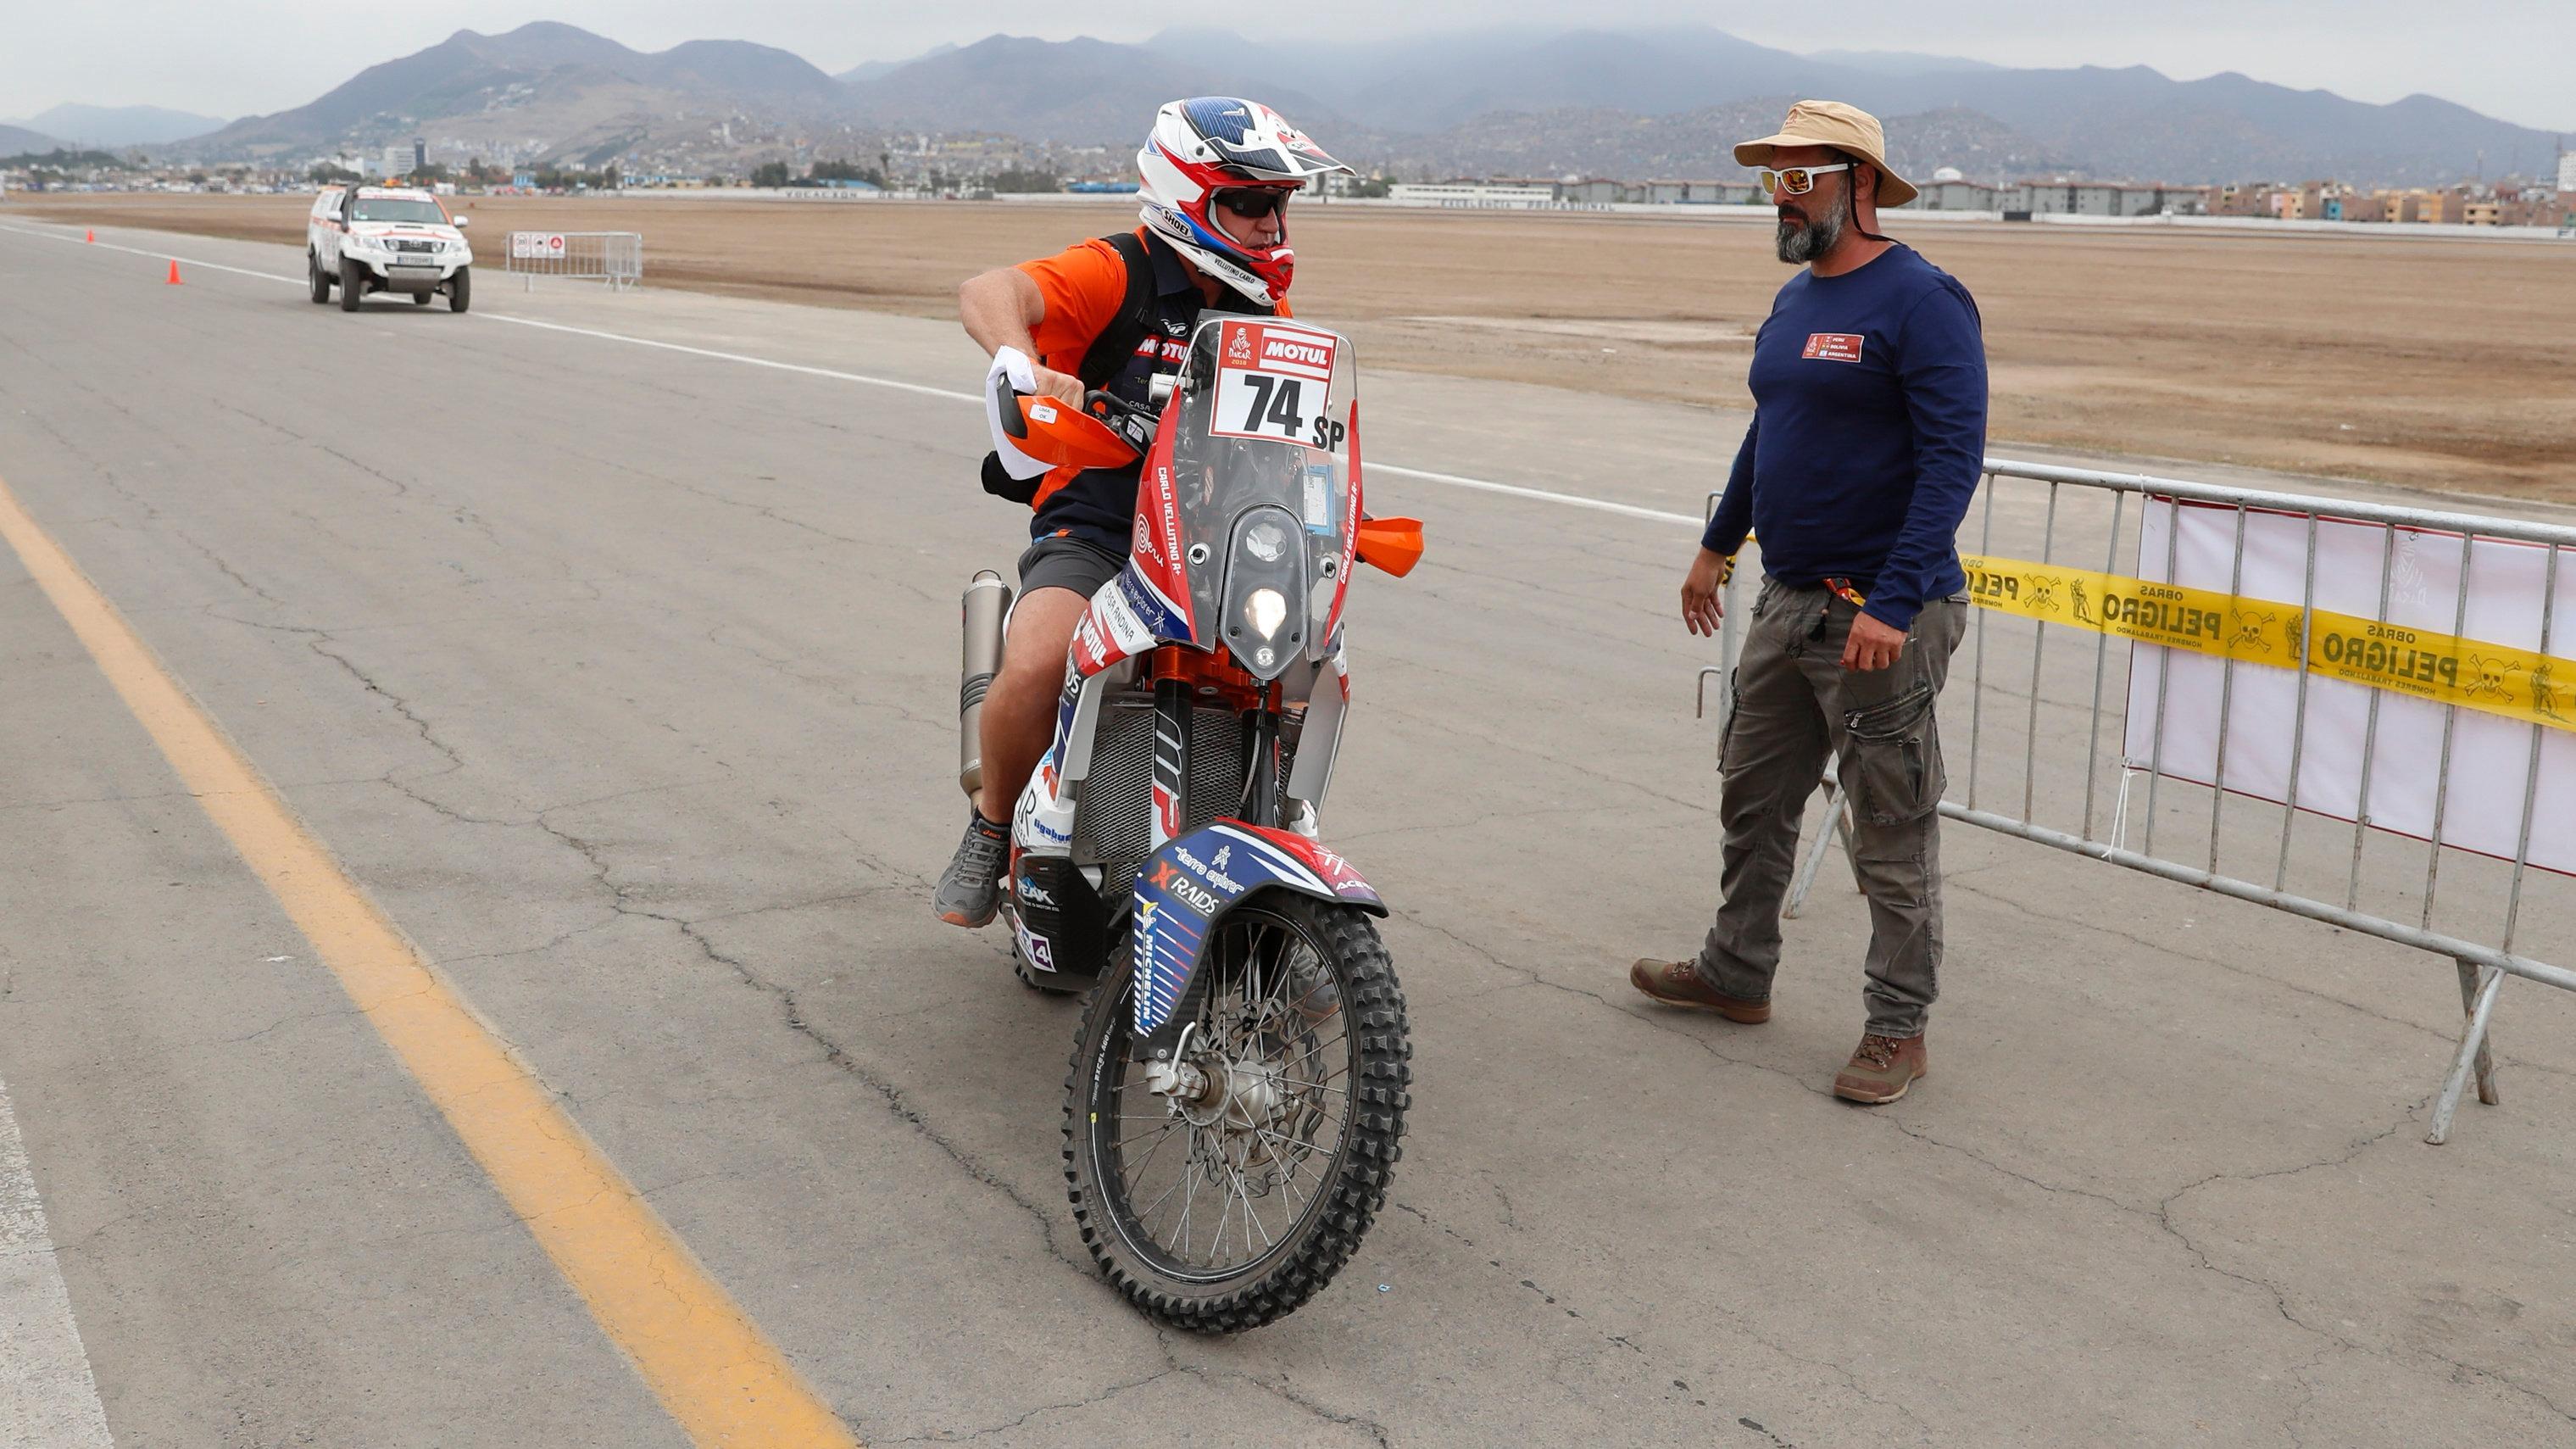 Carlo Vellutino era uno de los seis representantes peruanos en la categoría motos.